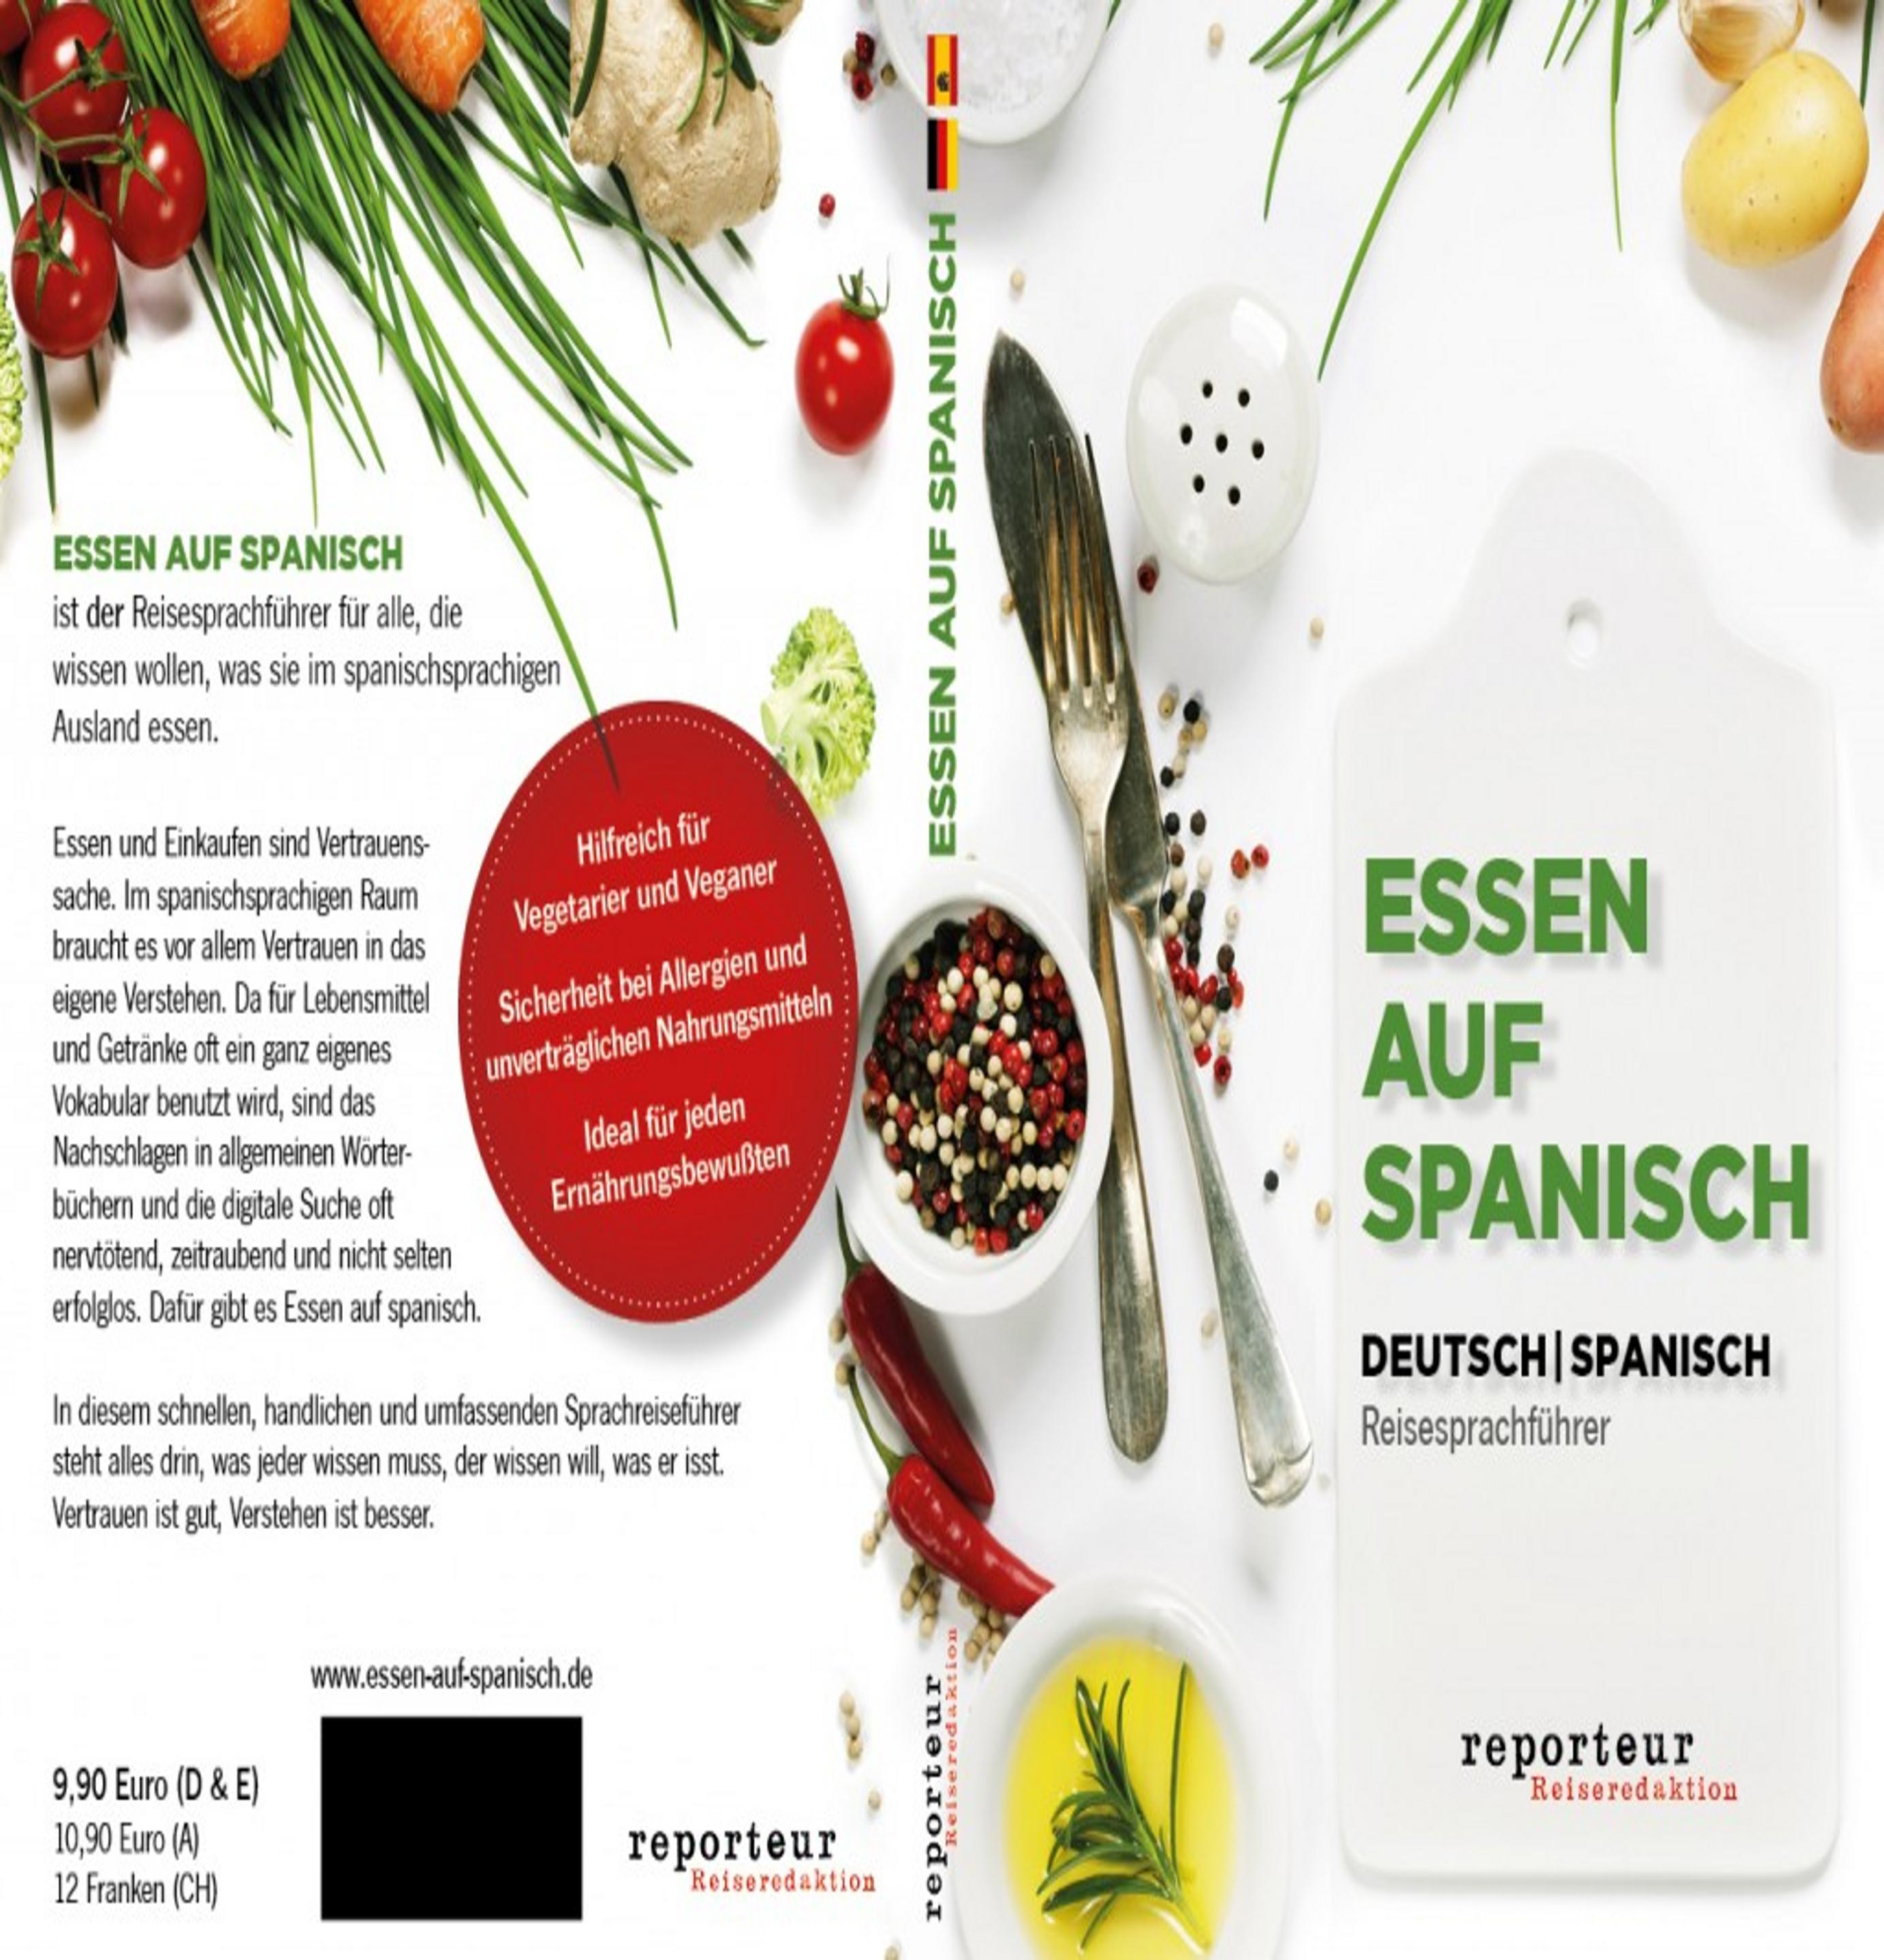 ESSEN AUF SPANISCH Deutsch / Spanisch Reisesprachführer